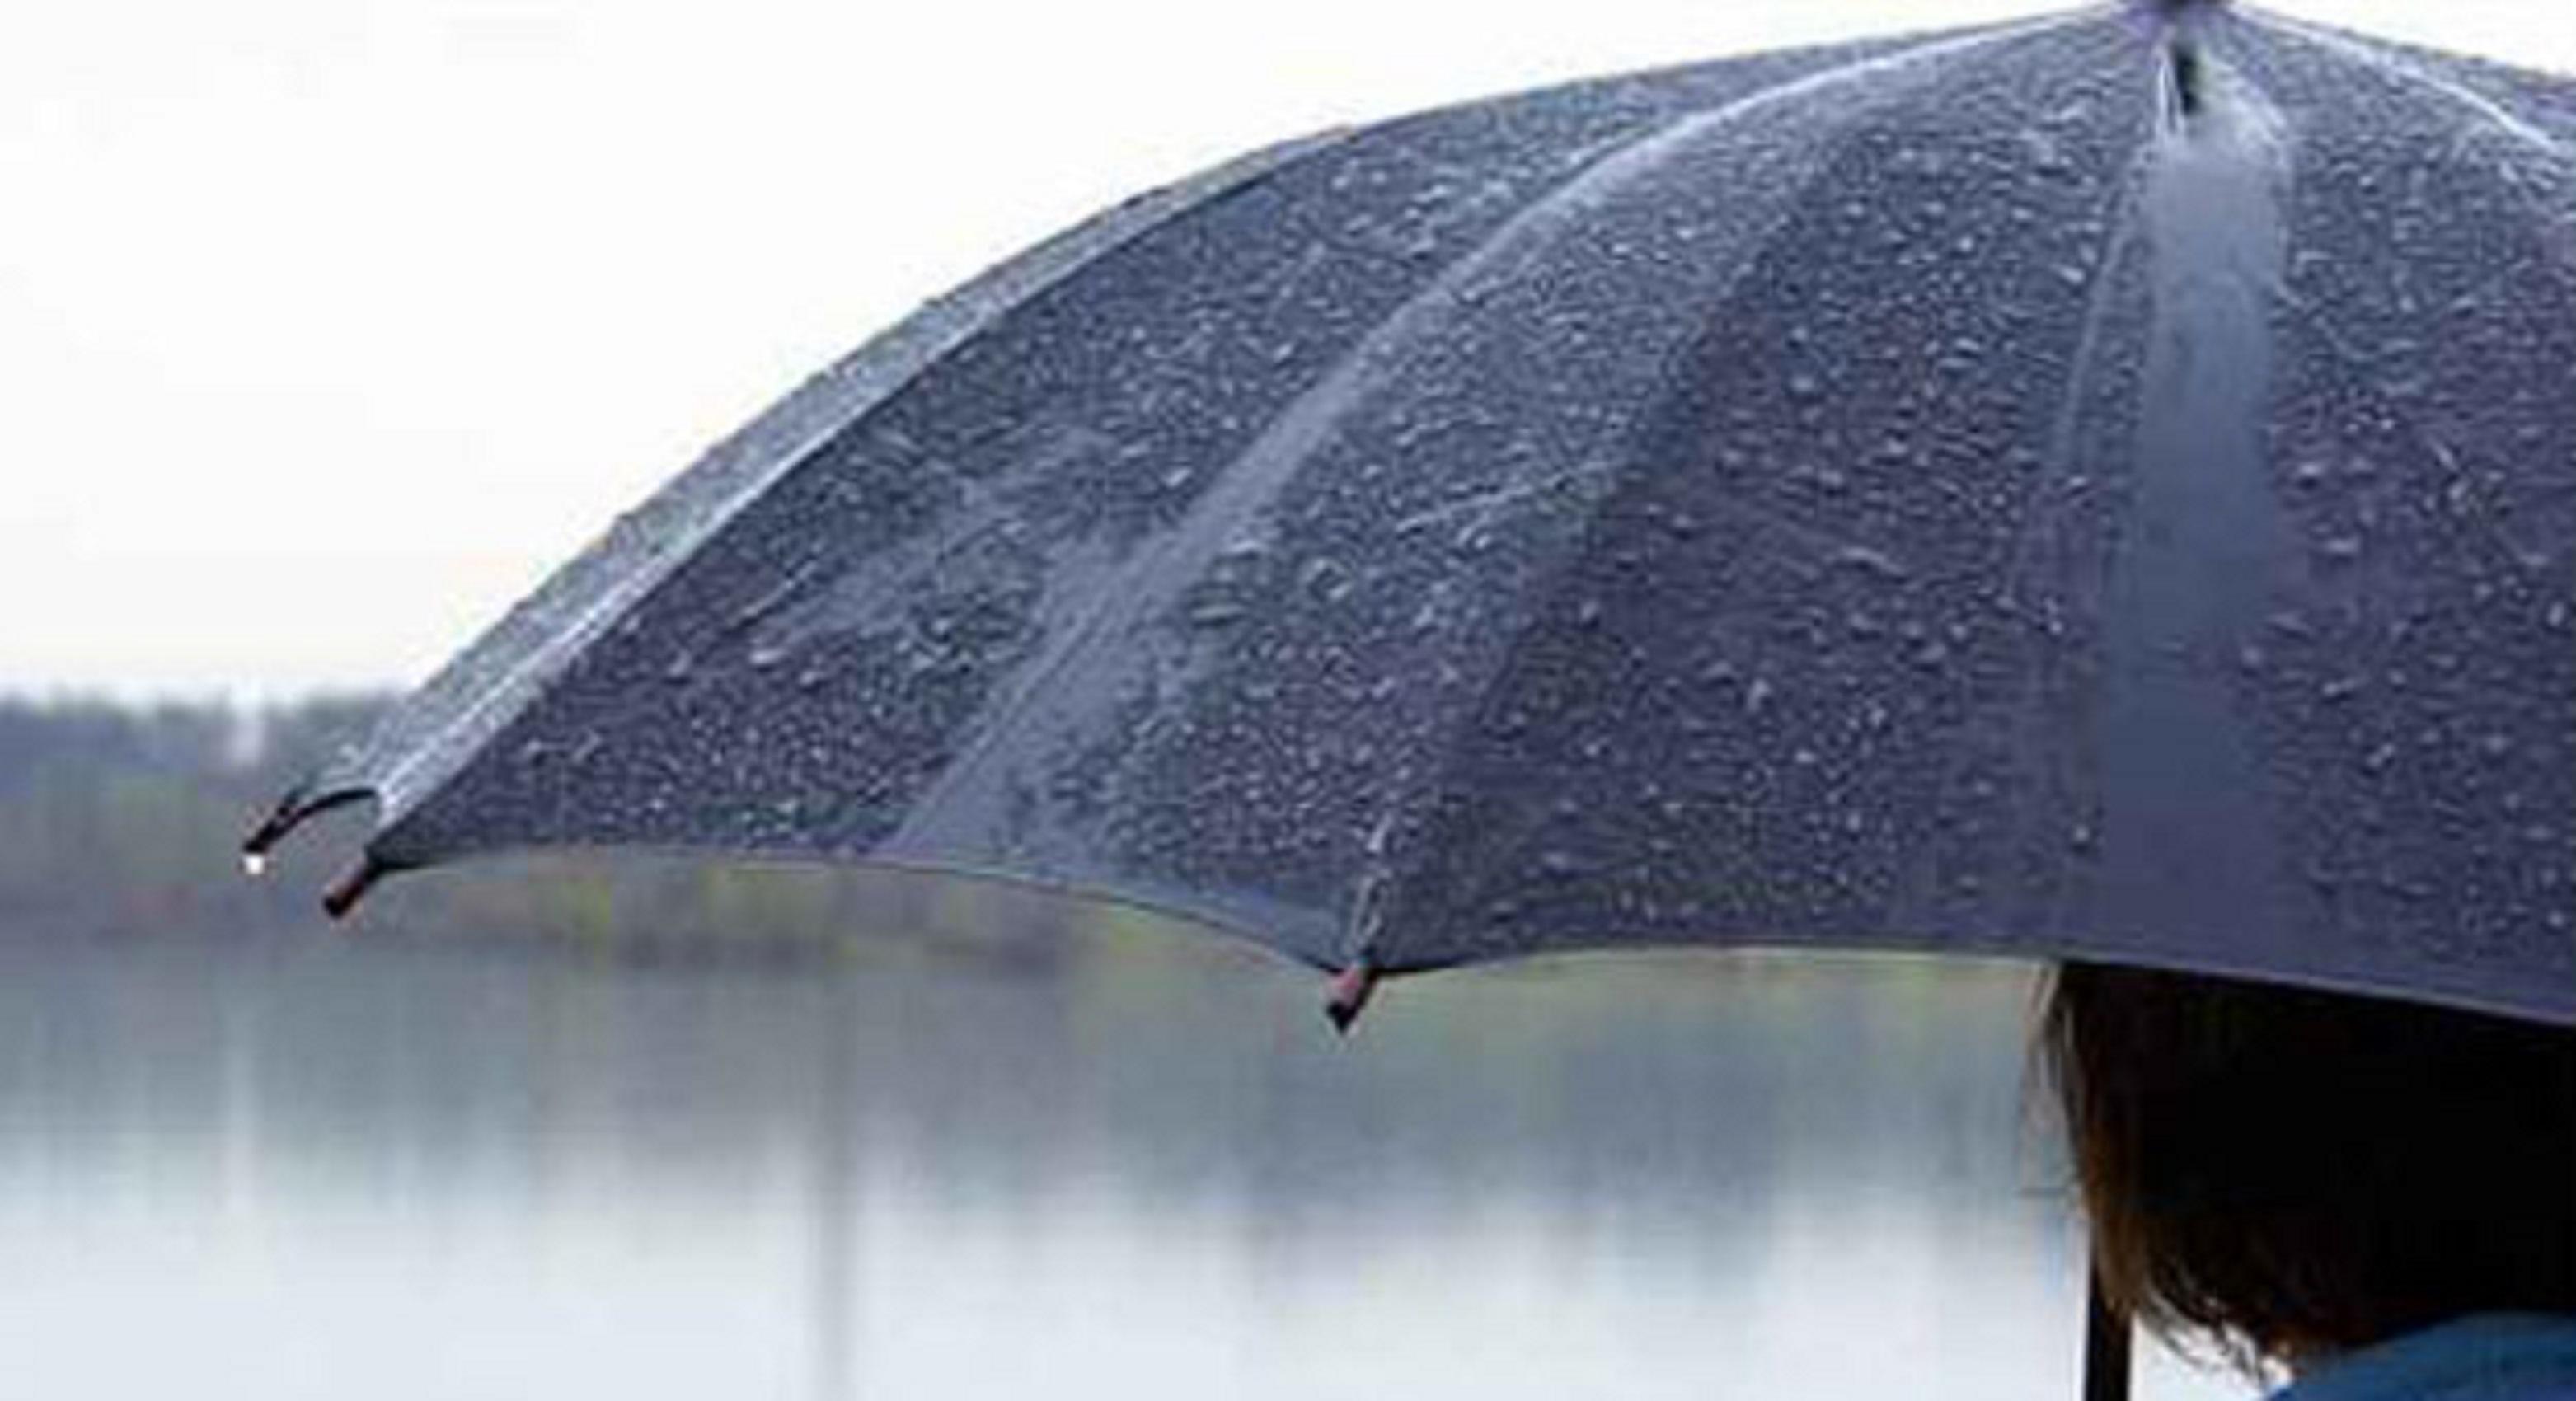 الطقس البارد مستمر.. وأمطار رعدية بهذه المناطق